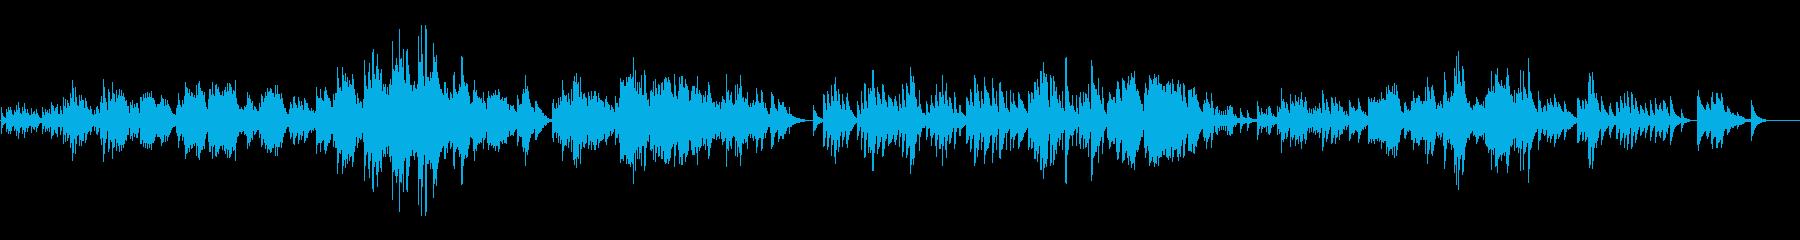 幻想的、ハープソロ『夢』の再生済みの波形